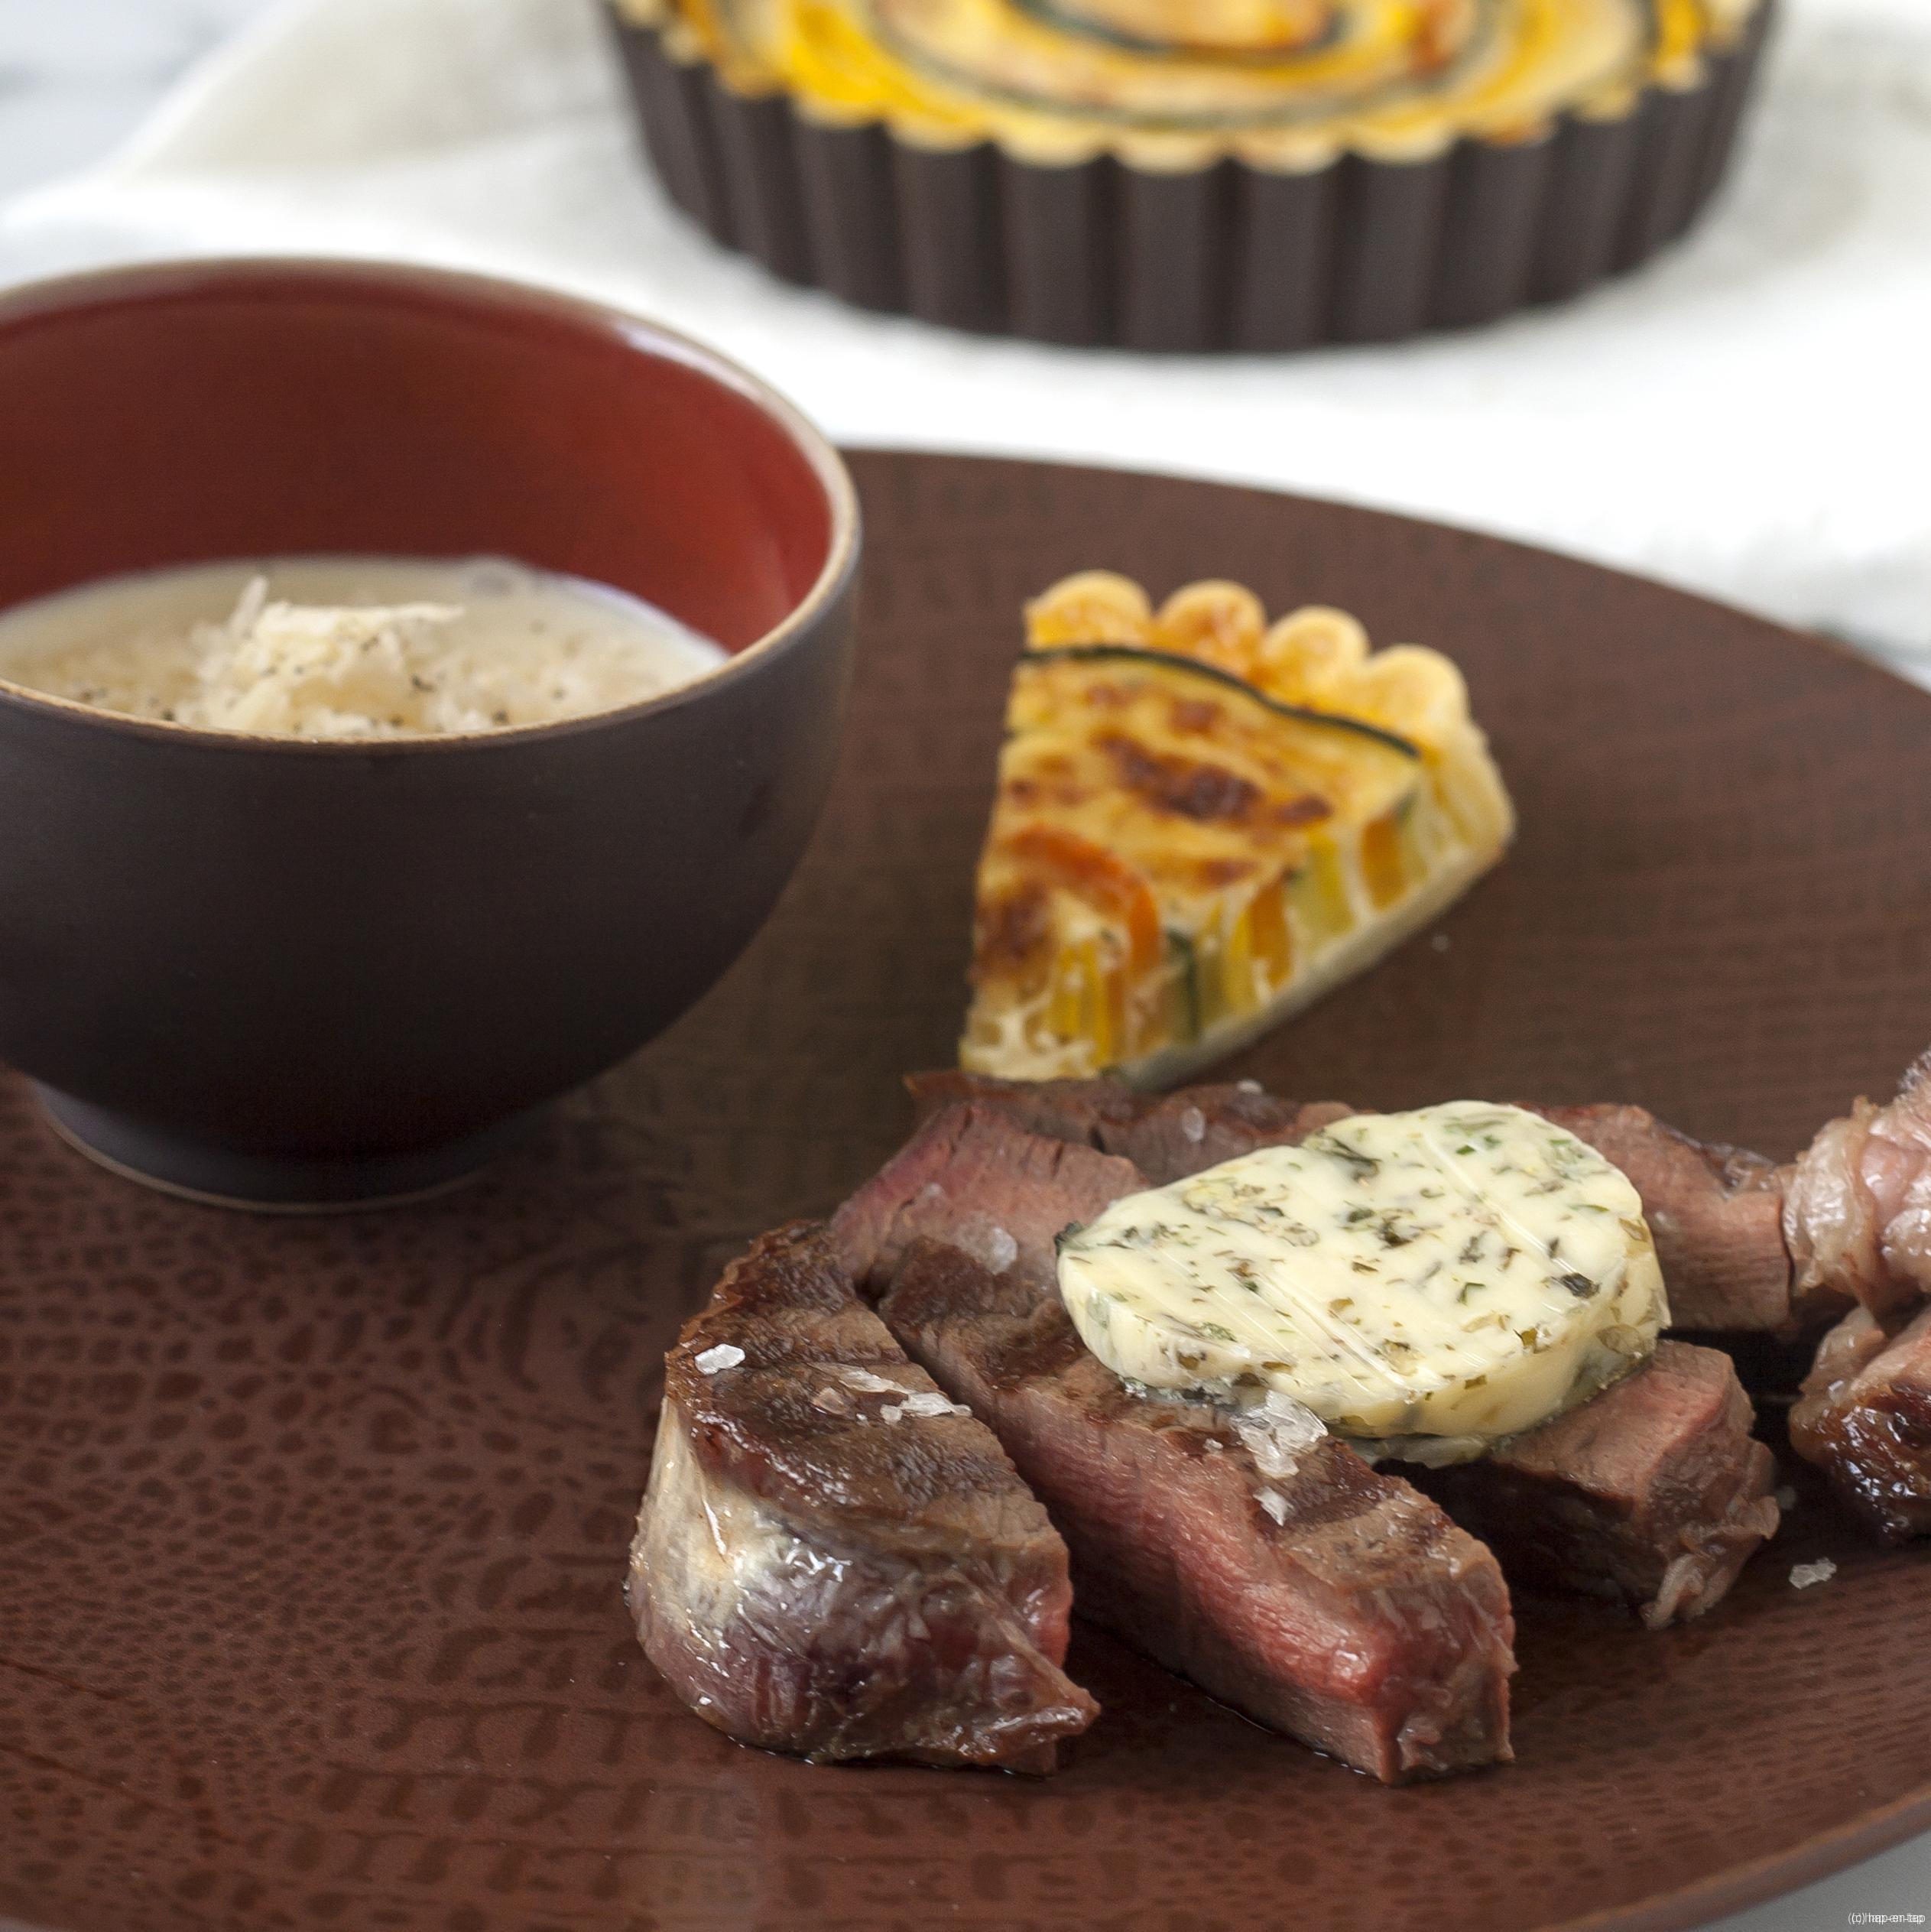 Filet pur van Rubia Gallega, groententaartje, aardappelespuma